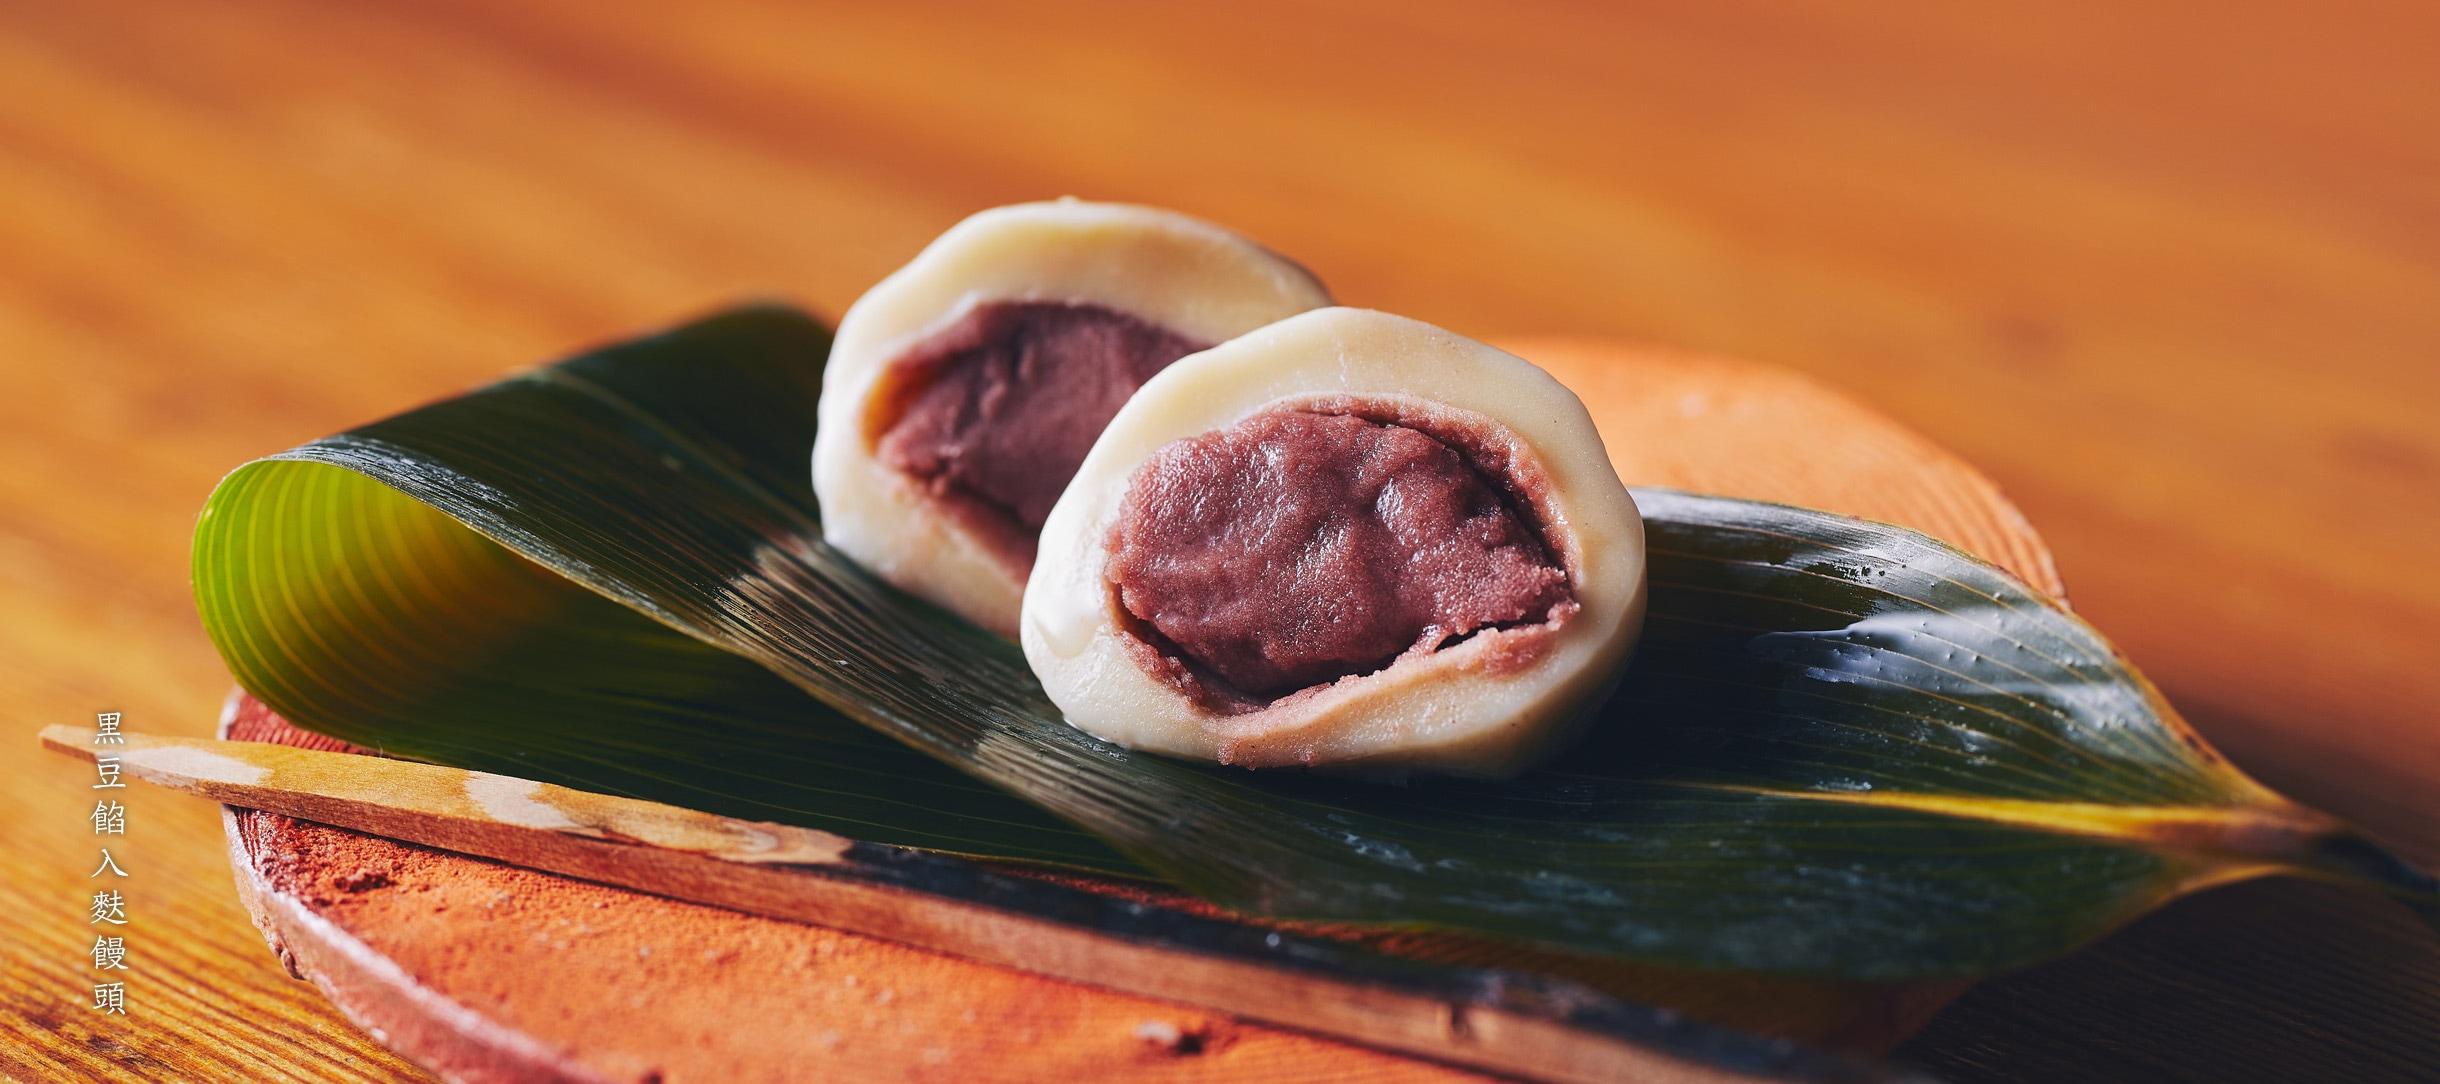 黒豆餡入麩饅頭 12月